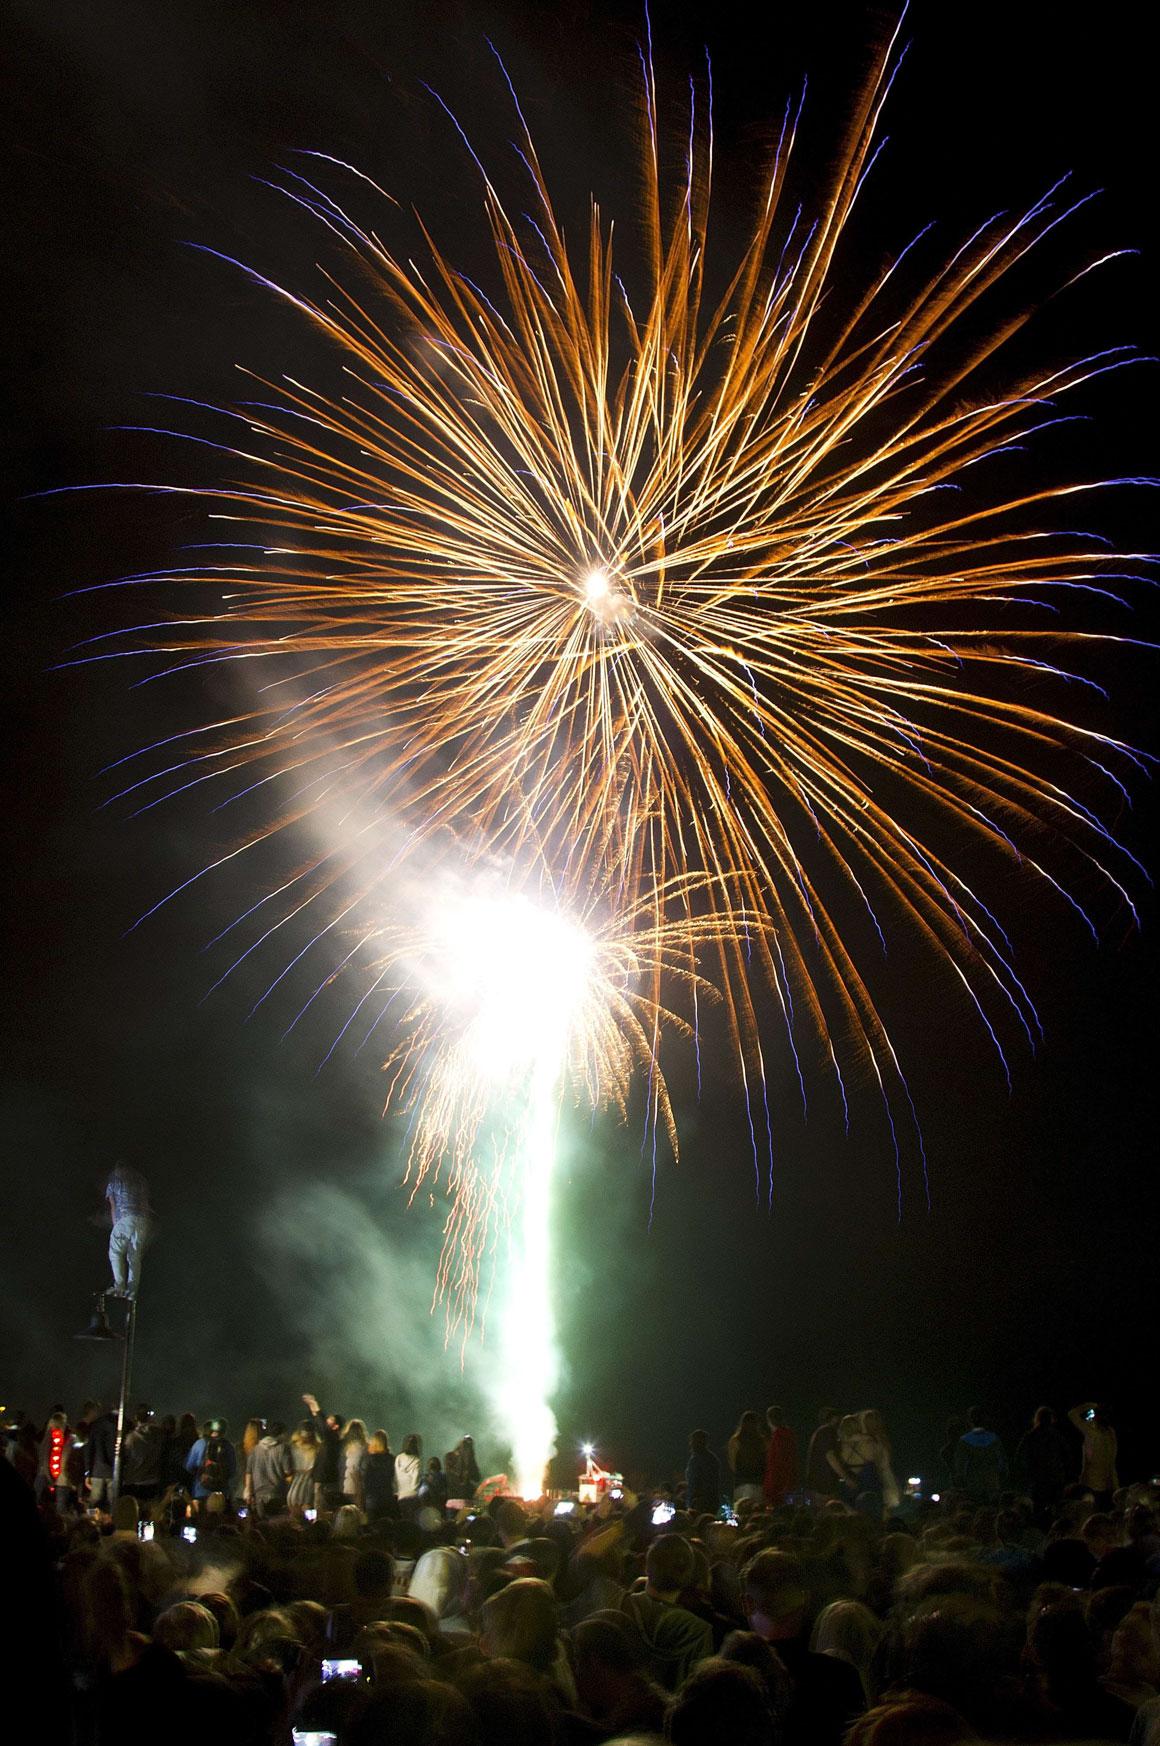 Nova Zelândia é um dos primeiros países a dar as boas vindas ao Ano Novo